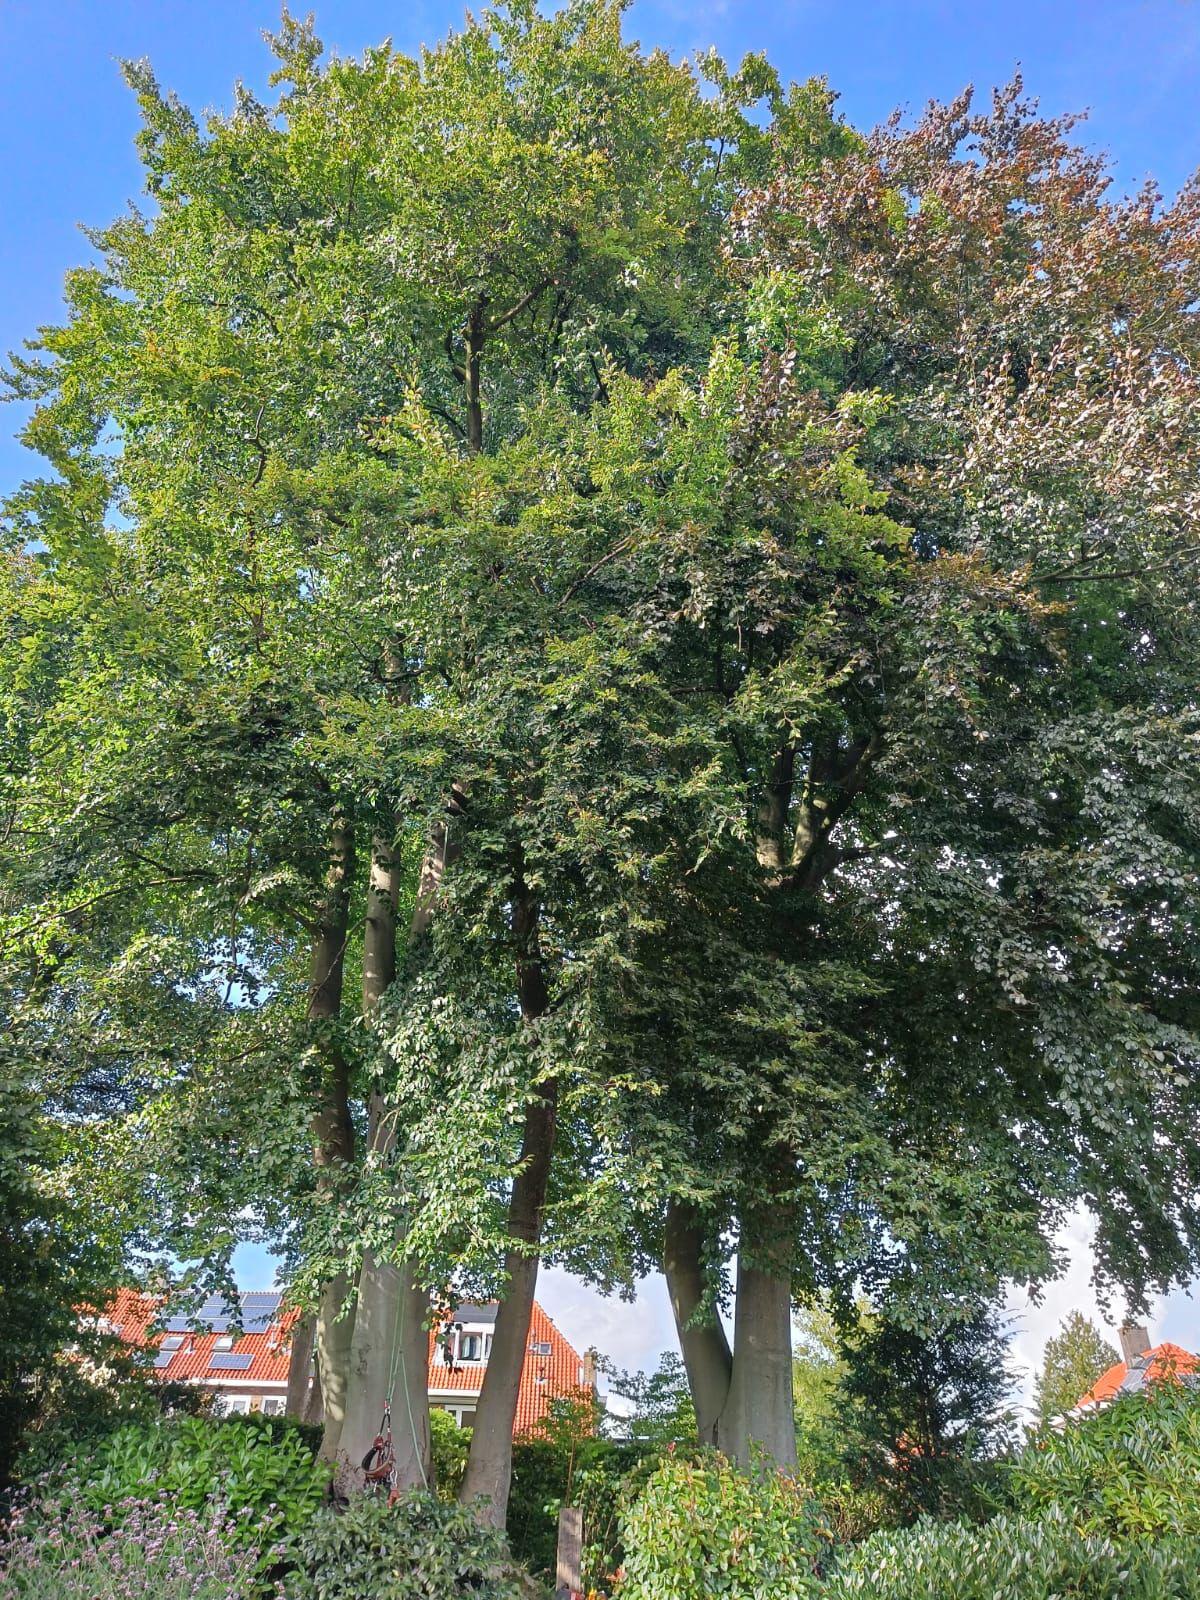 Is mijn boom ziek?